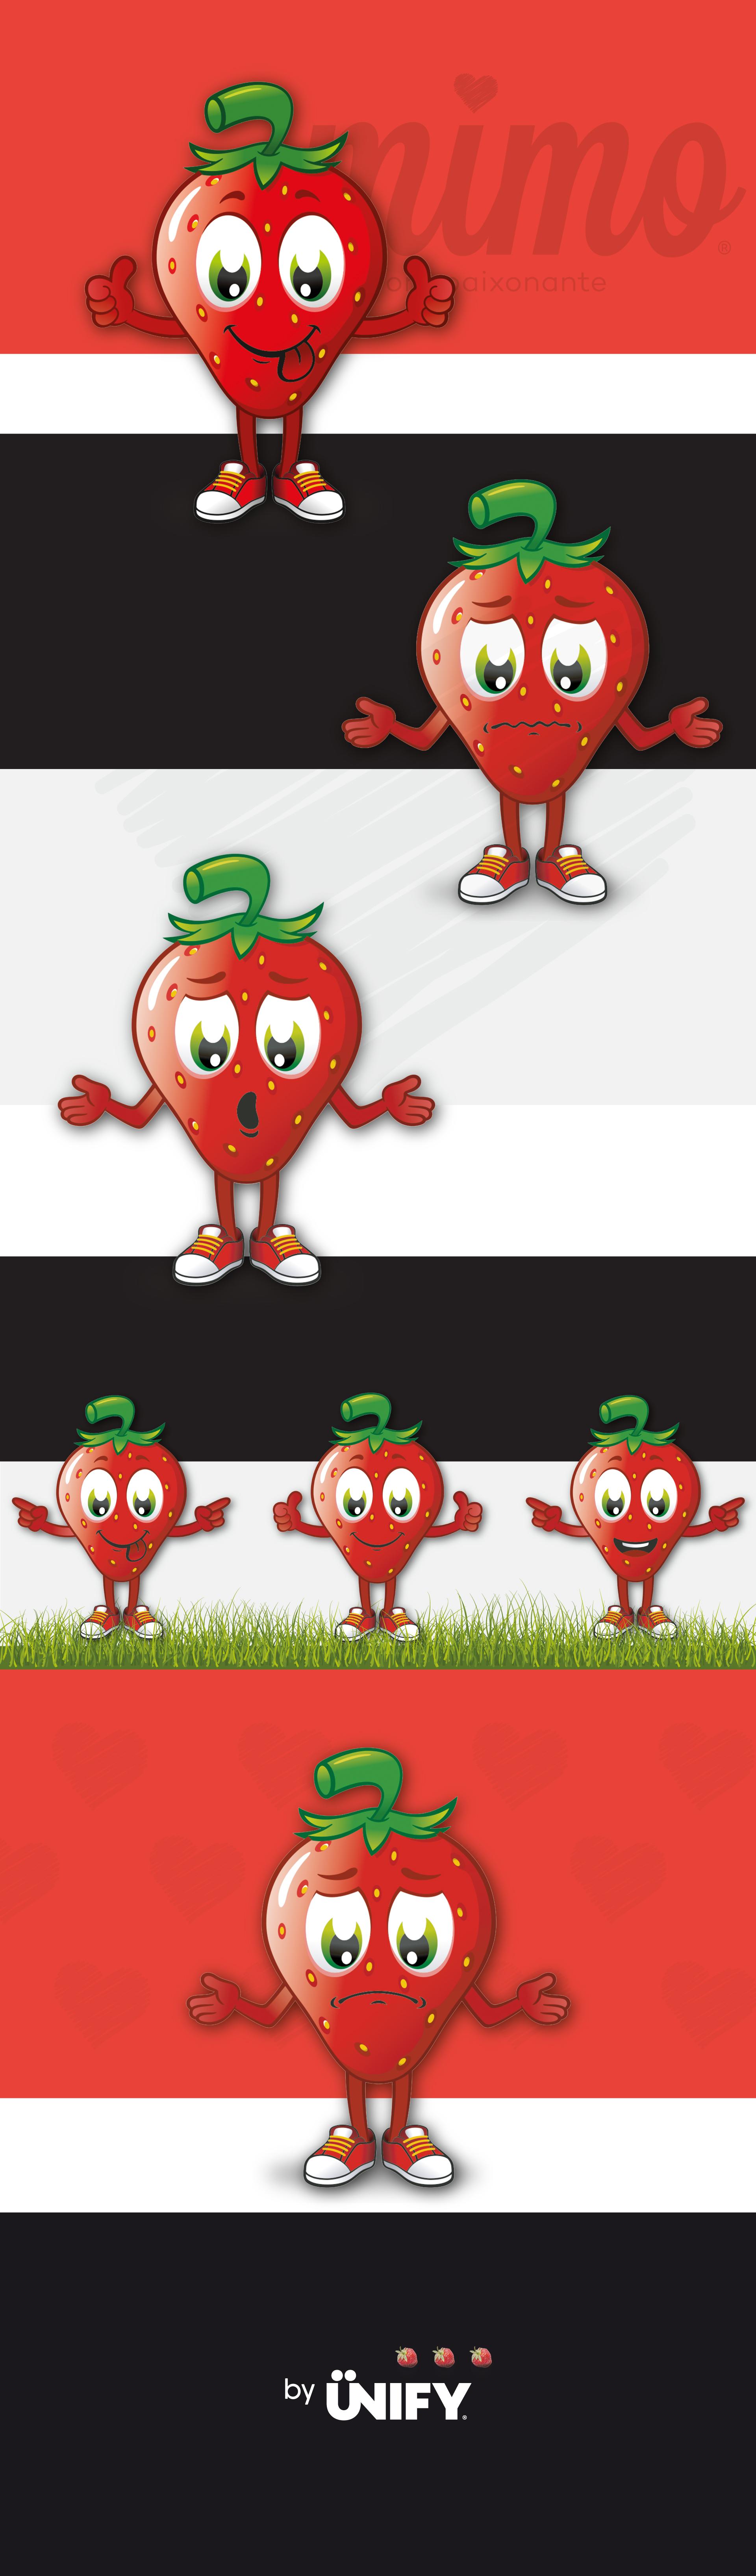 Resultados do trabalho de Ilustração feito pela UNIFY para a empresa Frutas Classe e que resultou na mascote Mimo